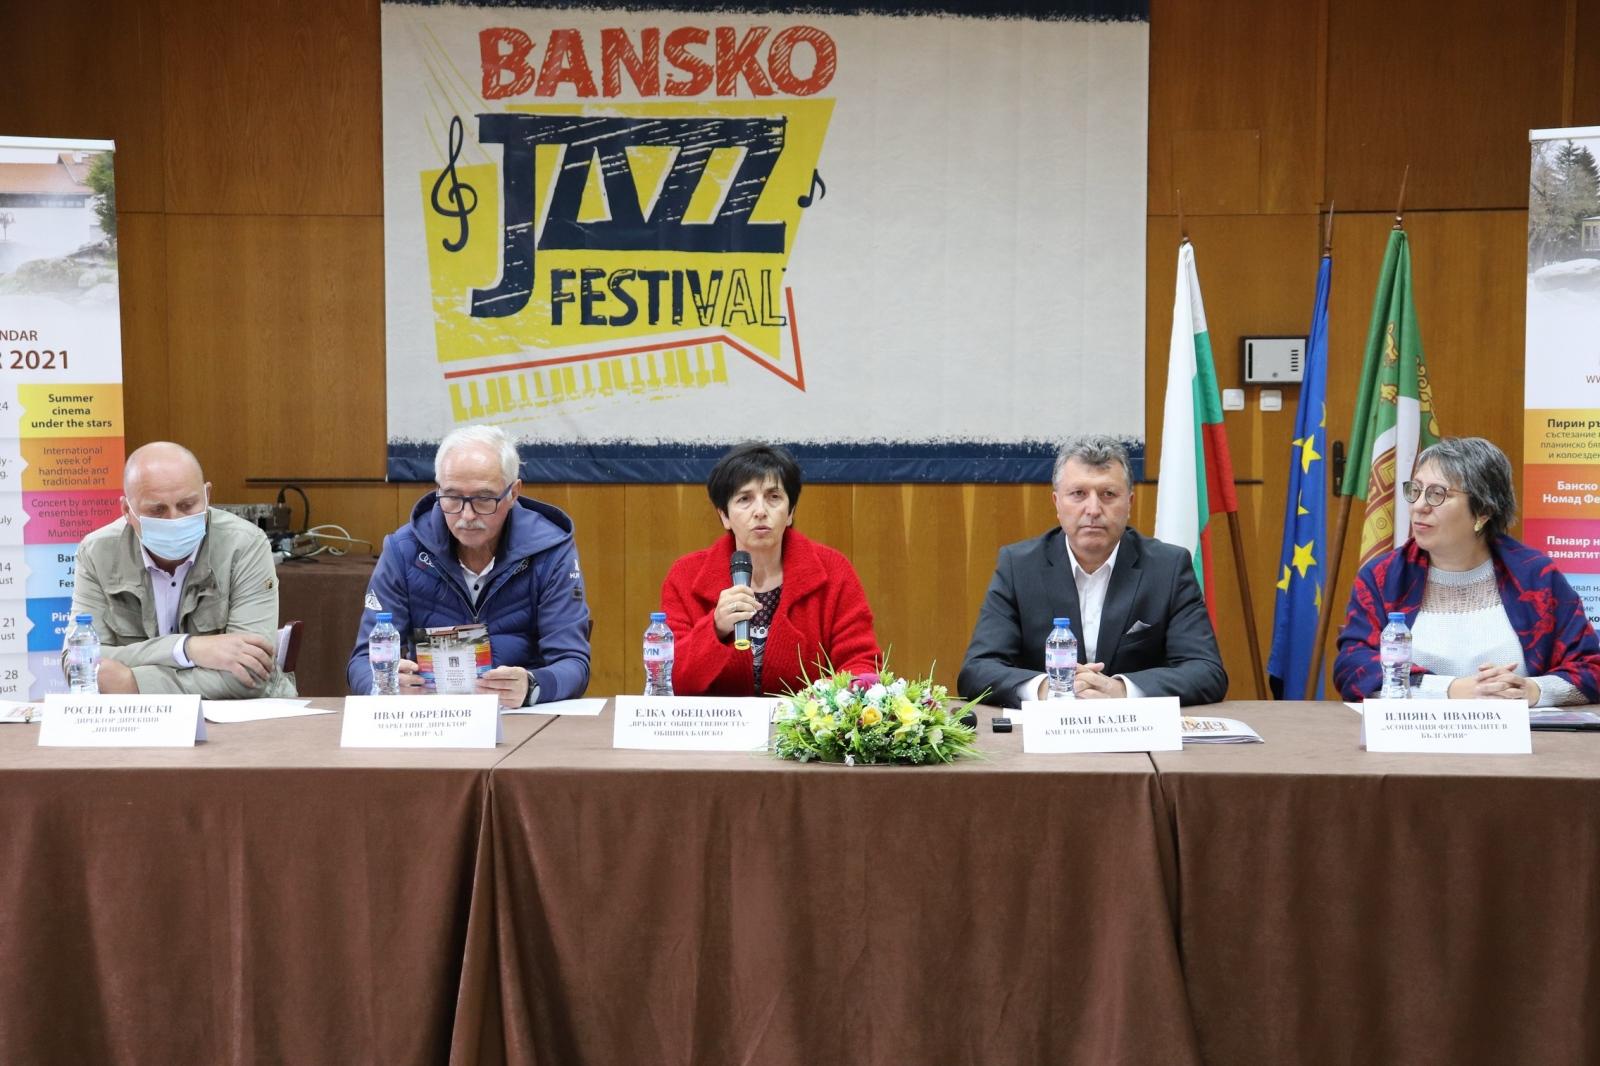 Банско обяви календара със събития за летния сезон ПИРИН РЪН 27